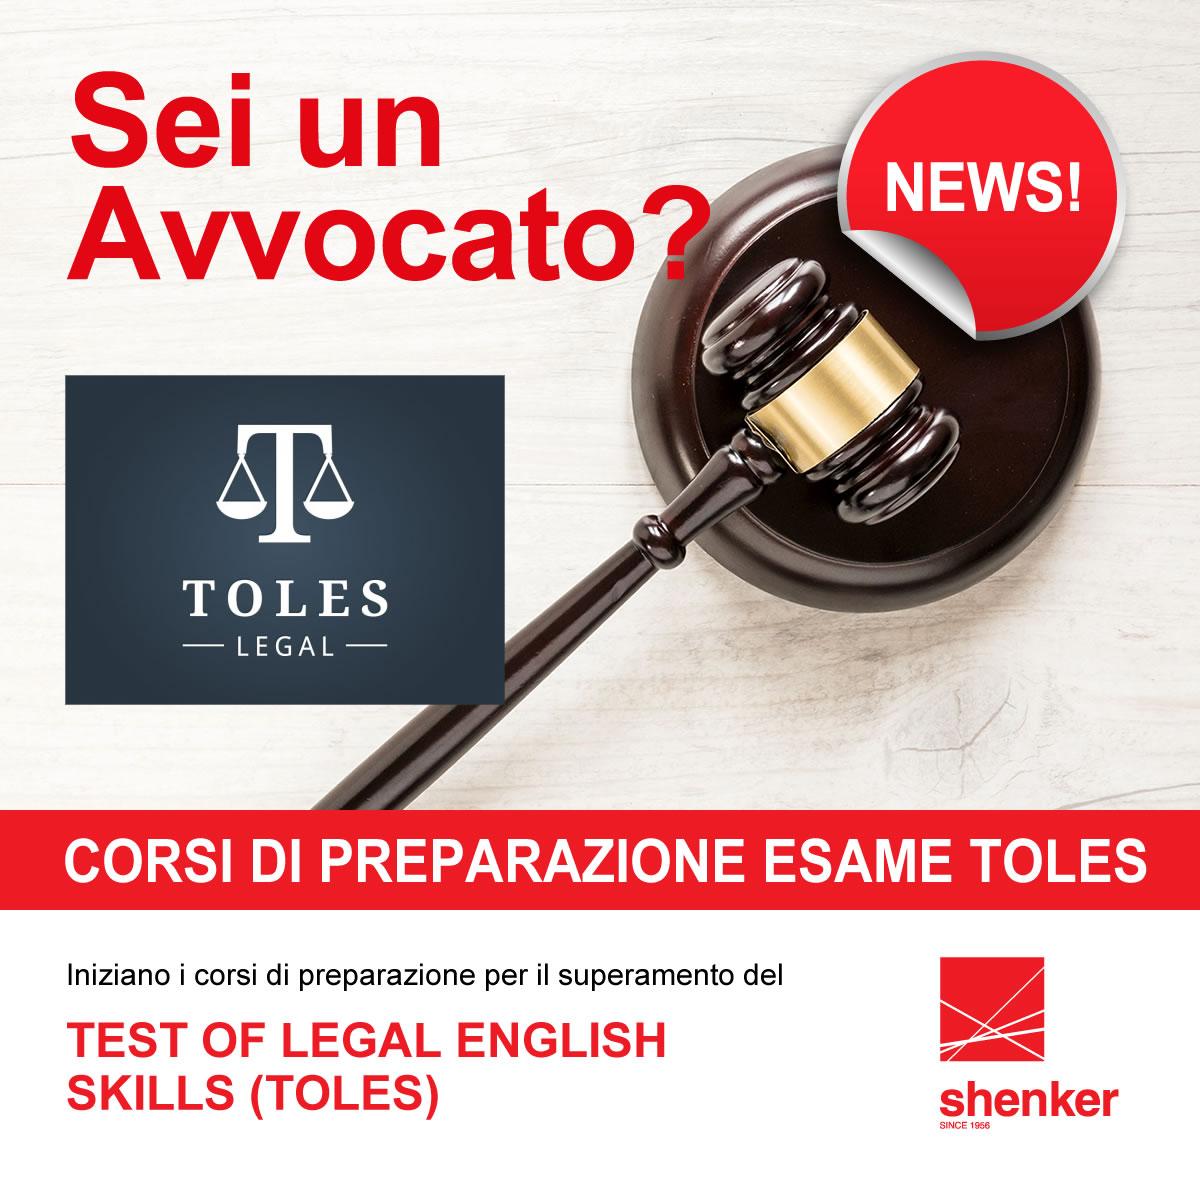 Corsi di preparazione esami TOLES per avvocati